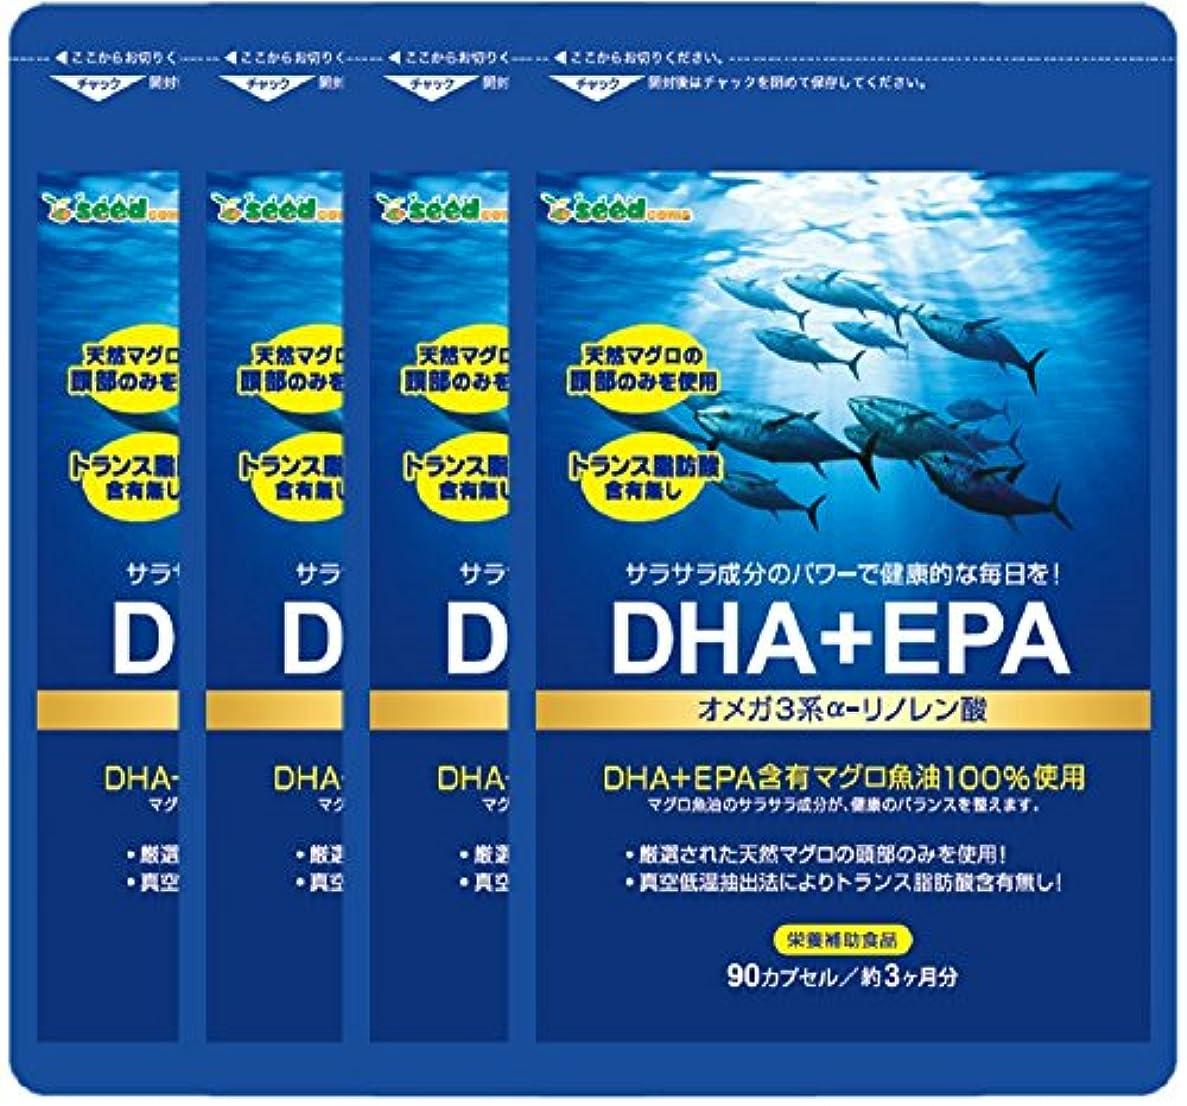 素晴らしき鮮やかなカウント【 seedcoms シードコムス 公式 】DHA + EPA 約12ヶ月分/360粒 ビンチョウマグロの頭部のみを贅沢に使用!トランス脂肪酸0㎎